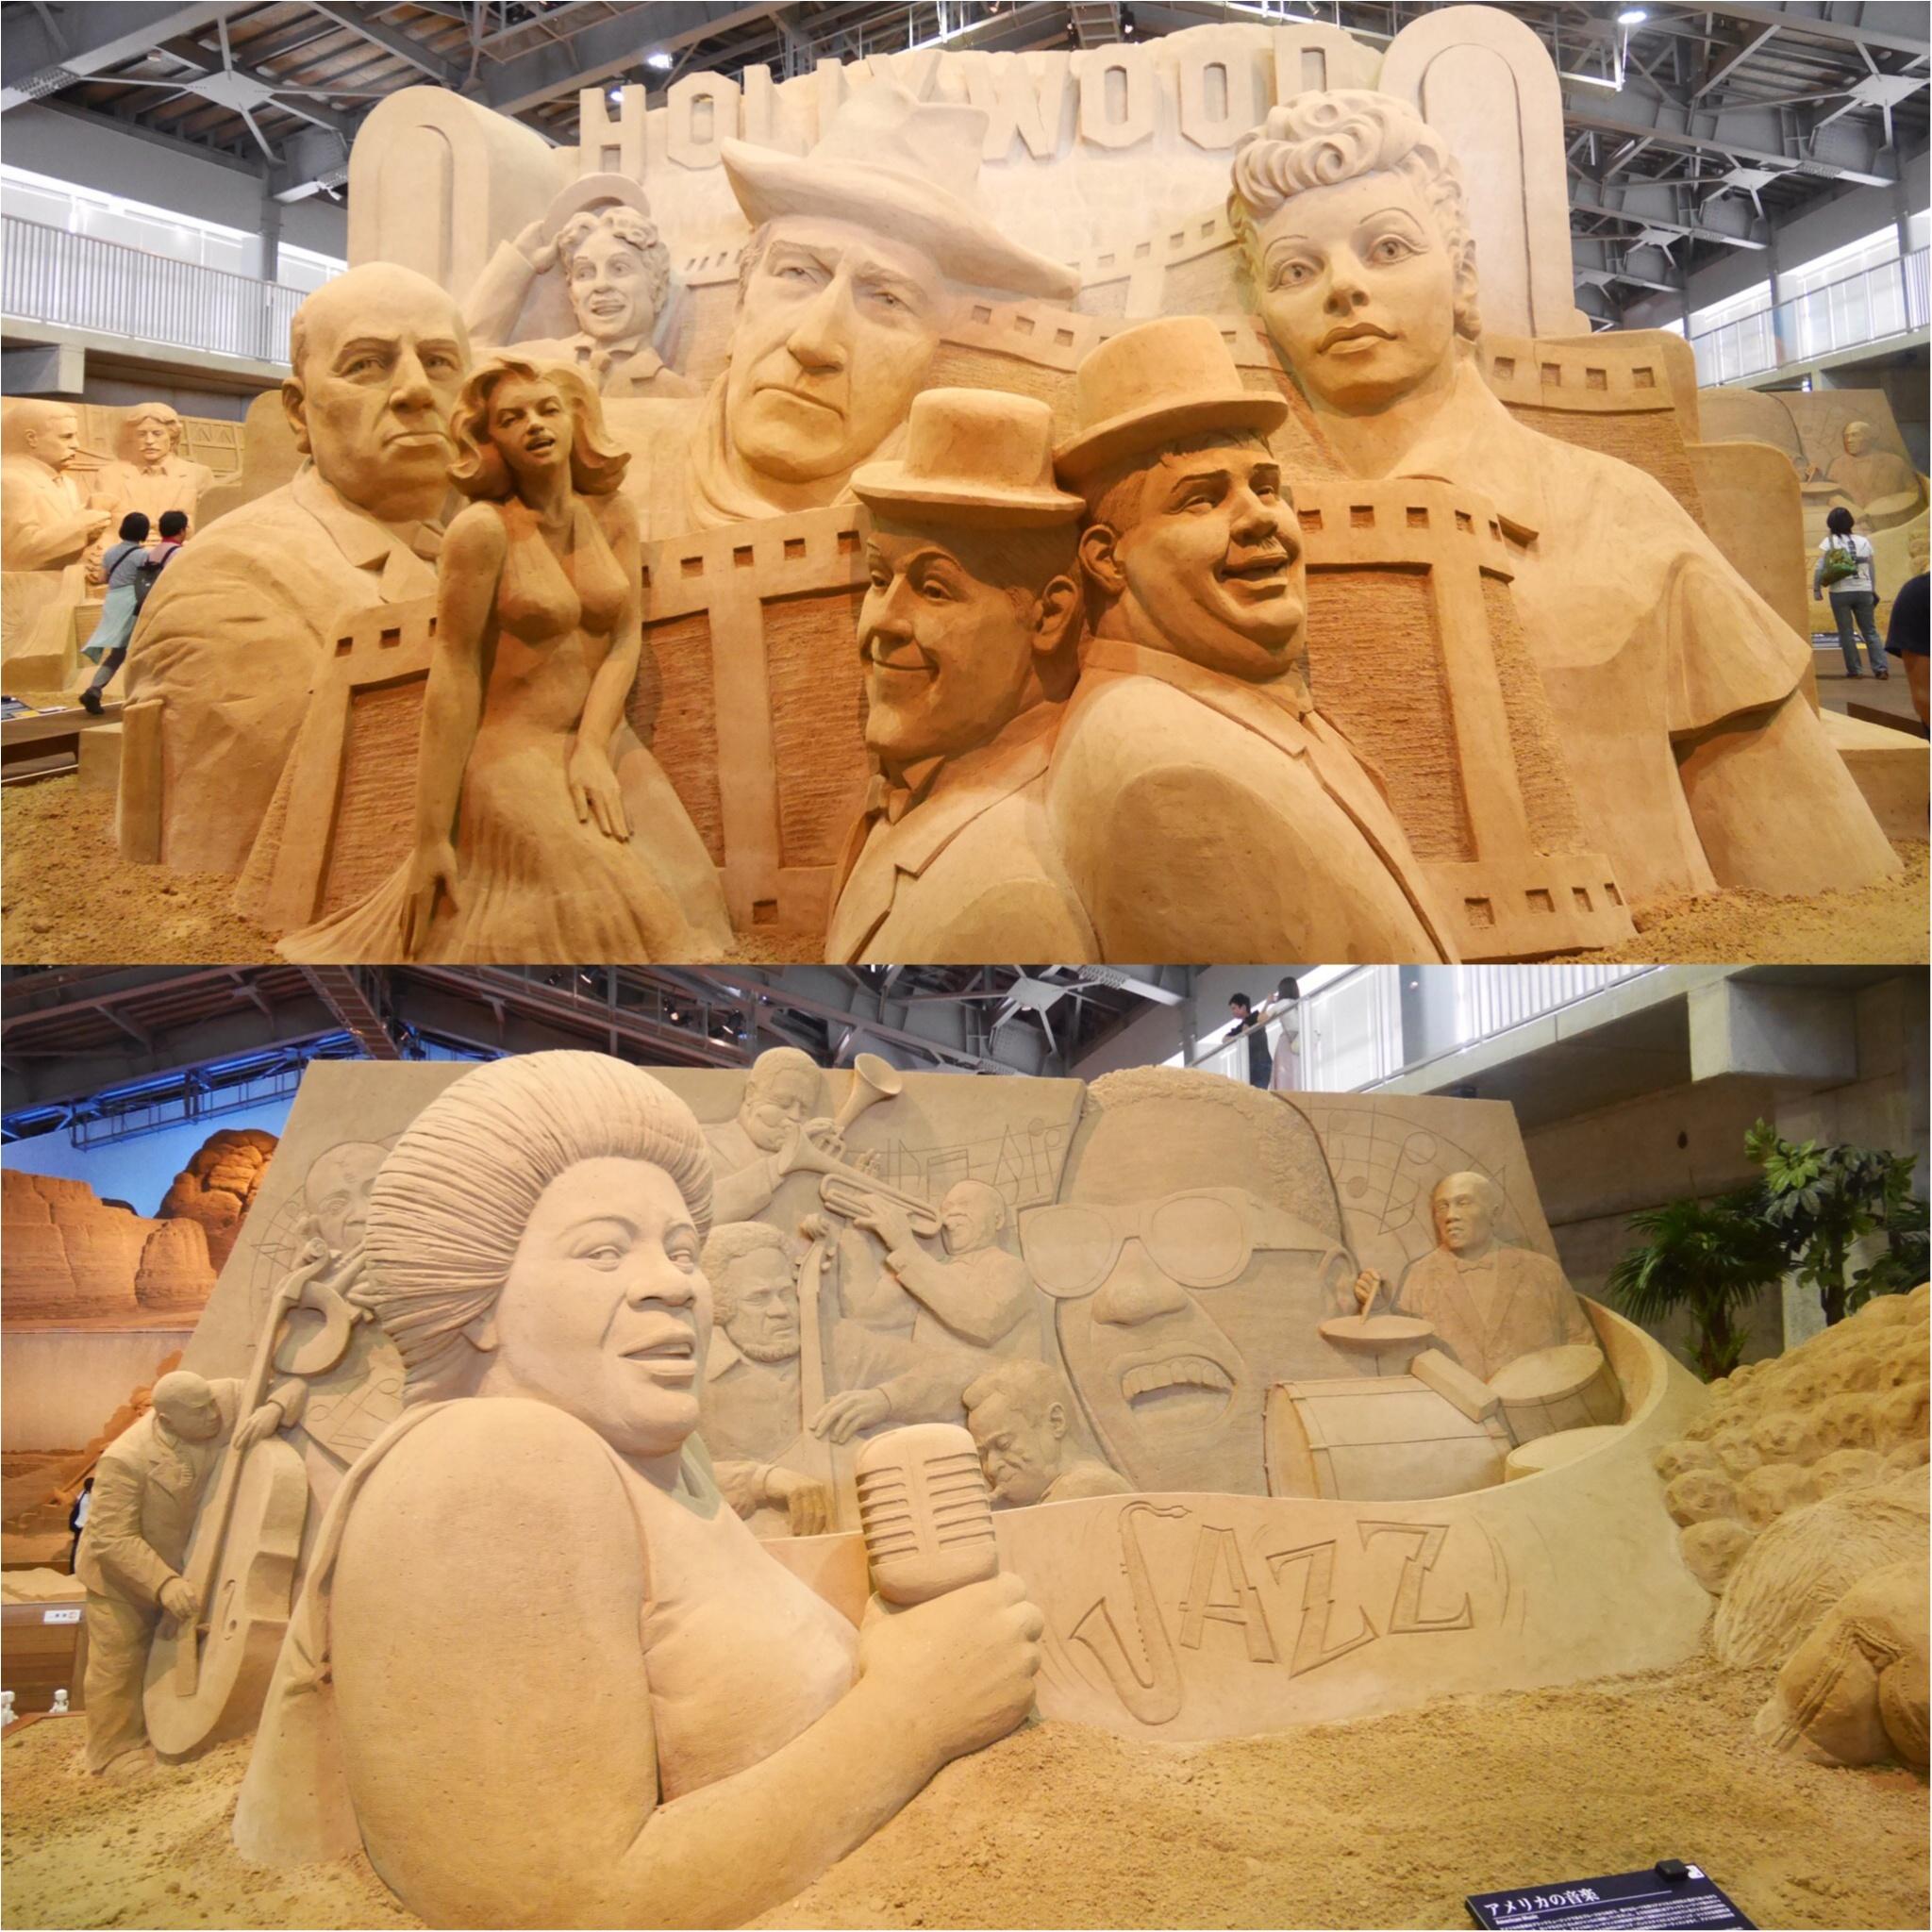 [島根・鳥取旅行④]鳥取砂丘&砂の博物館に行って来ました!_2